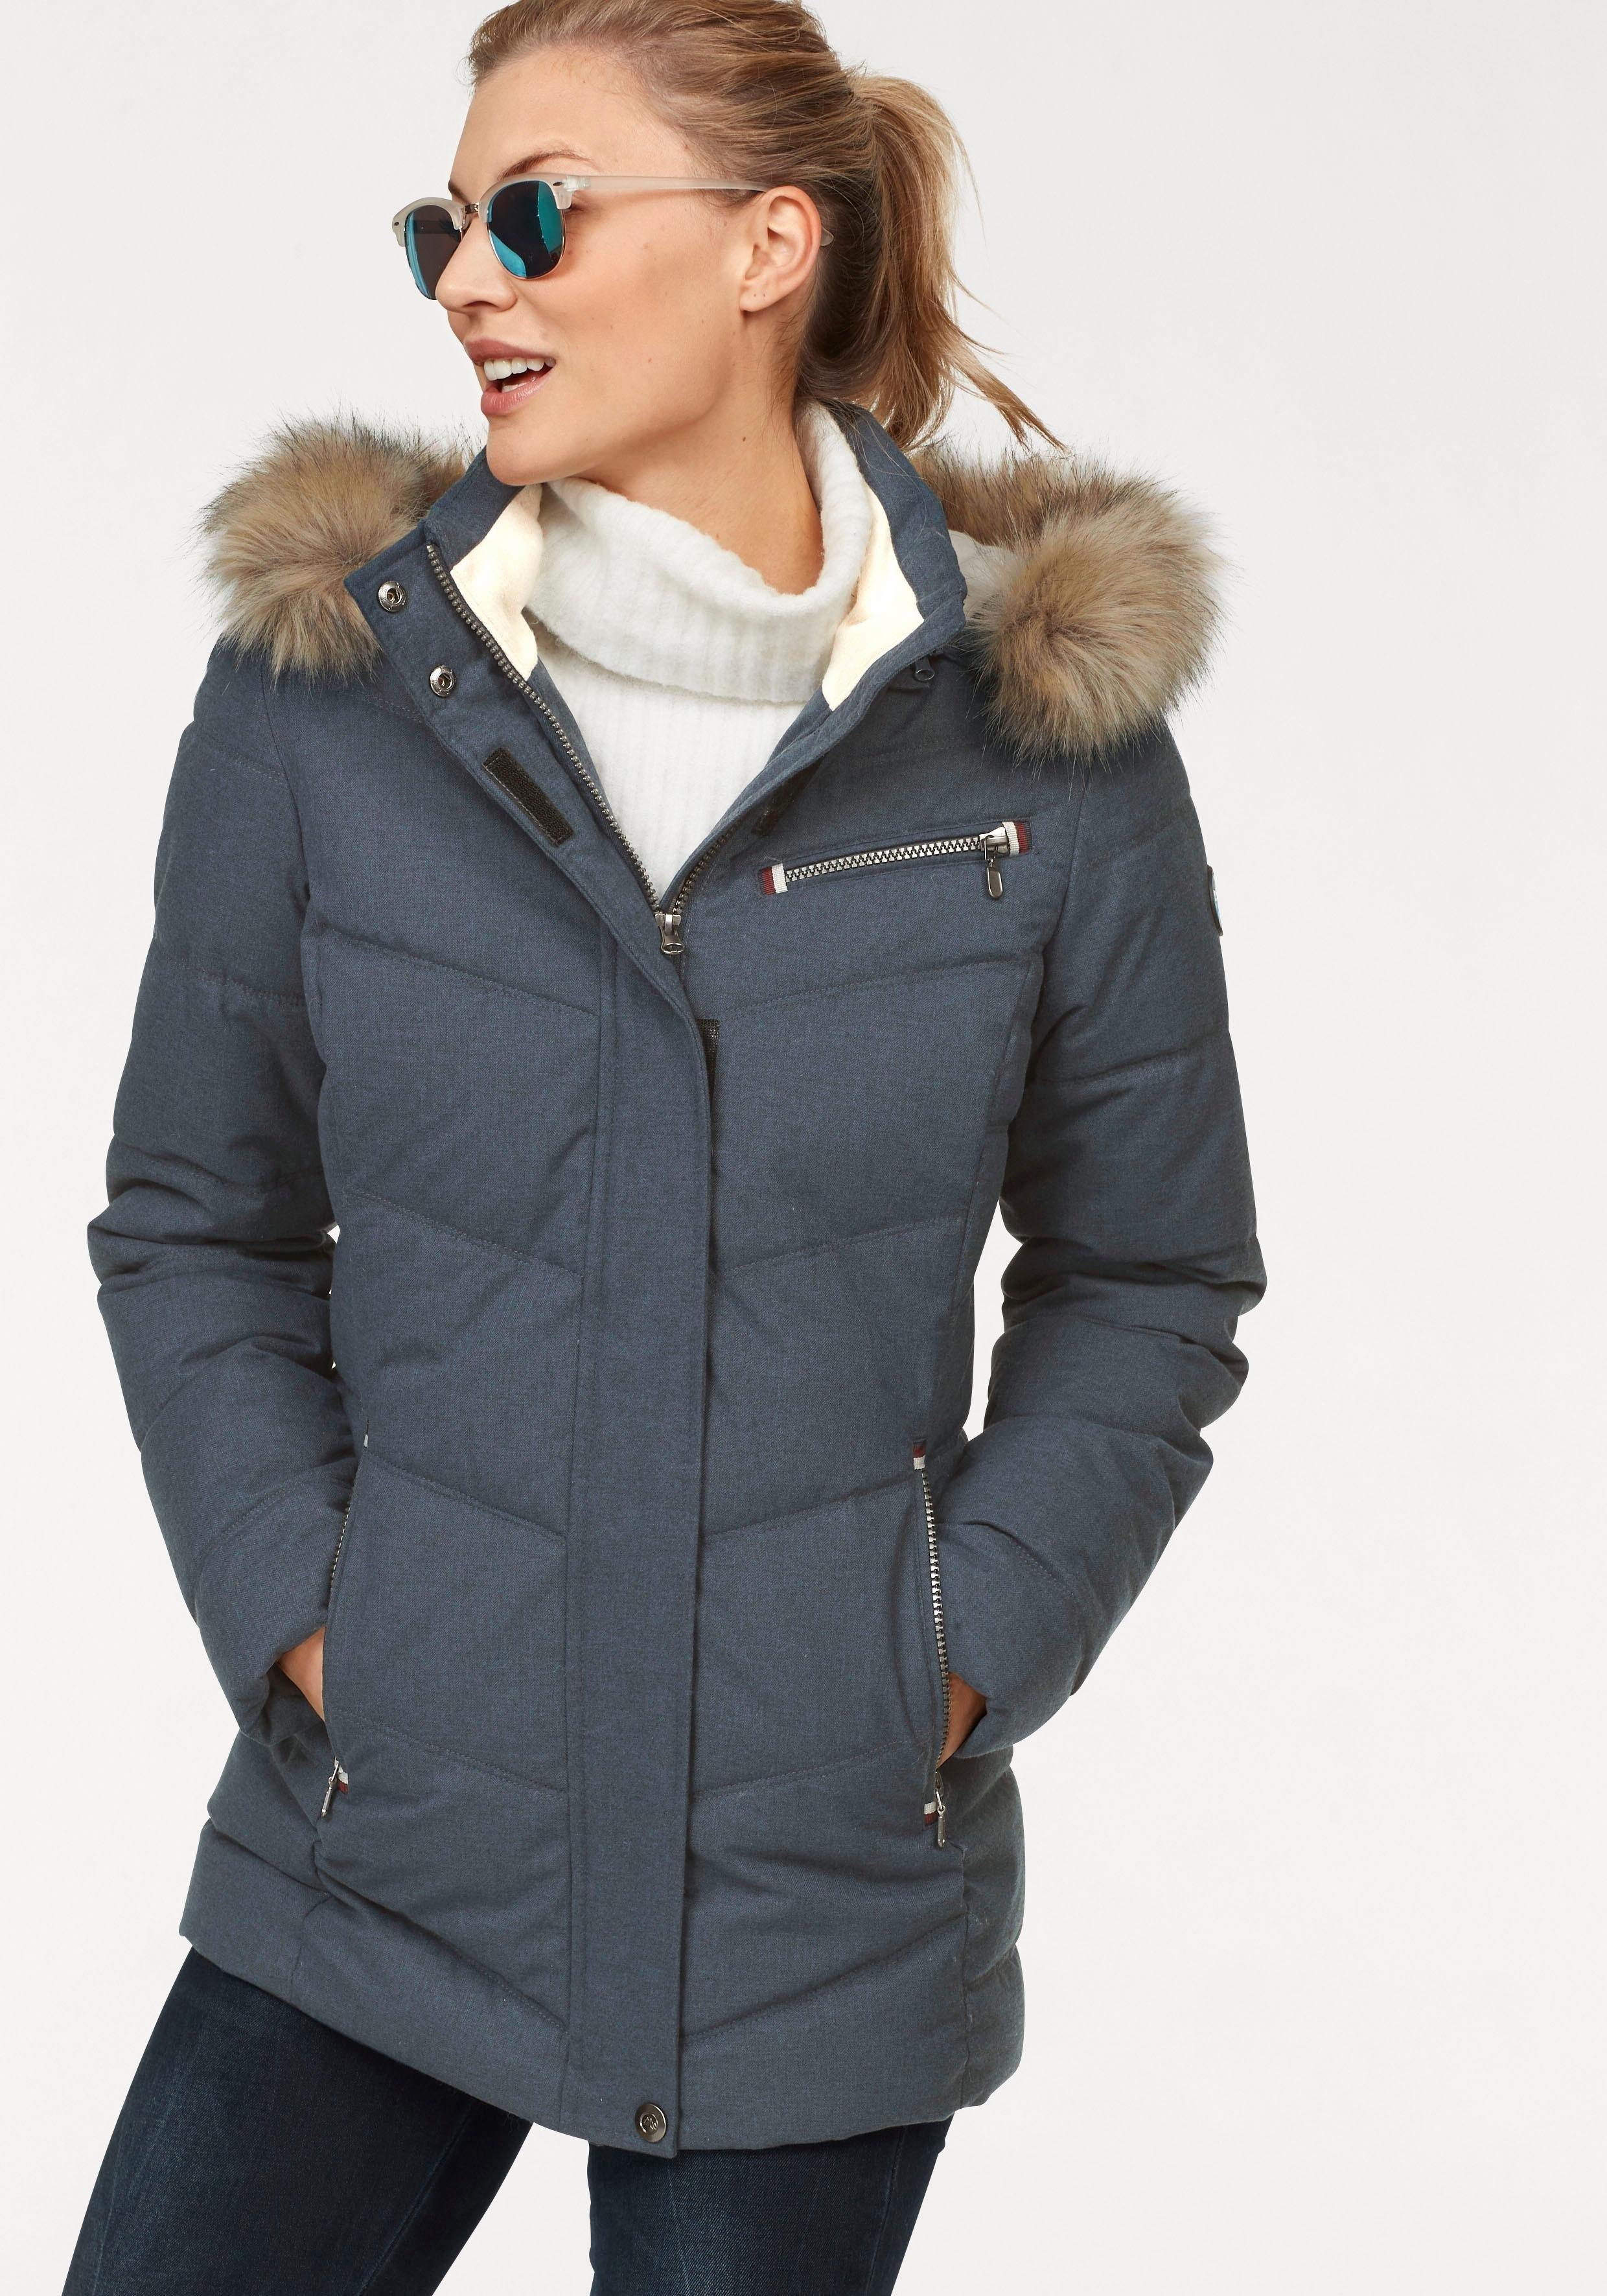 Polarino gewatteerde jas van zacht, functioneel materiaal nu online bestellen